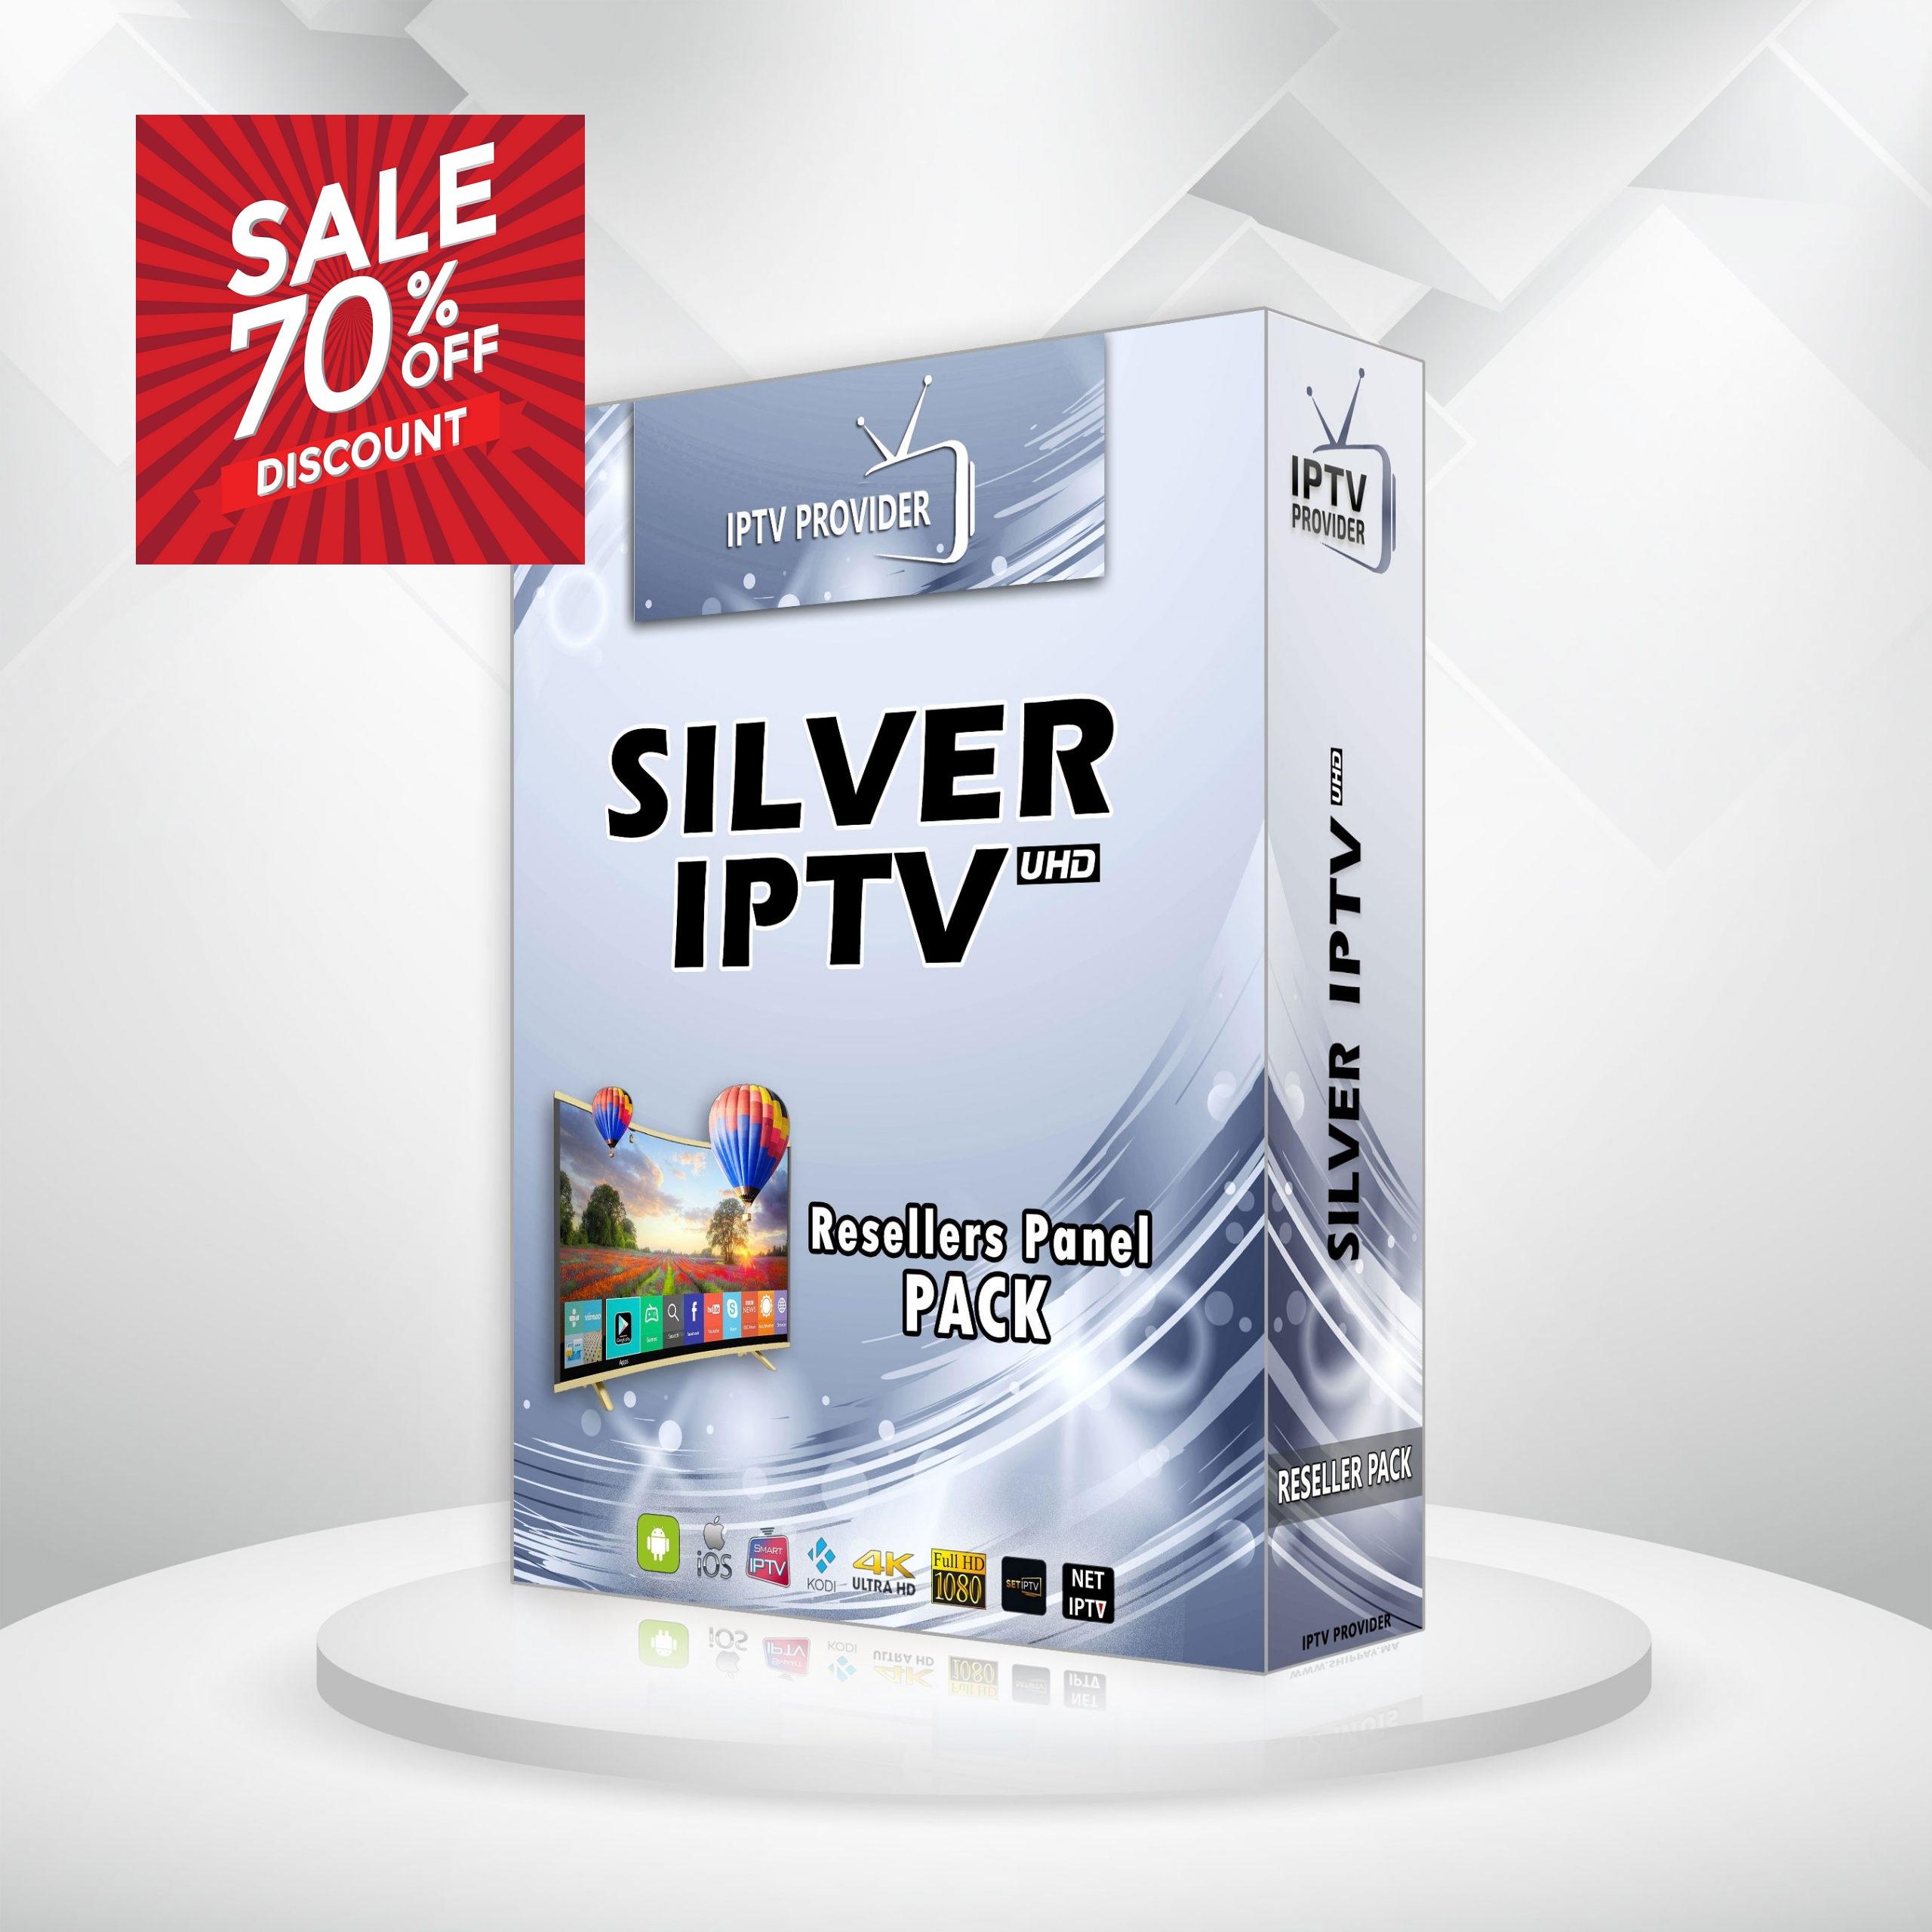 IPTV Packjpg